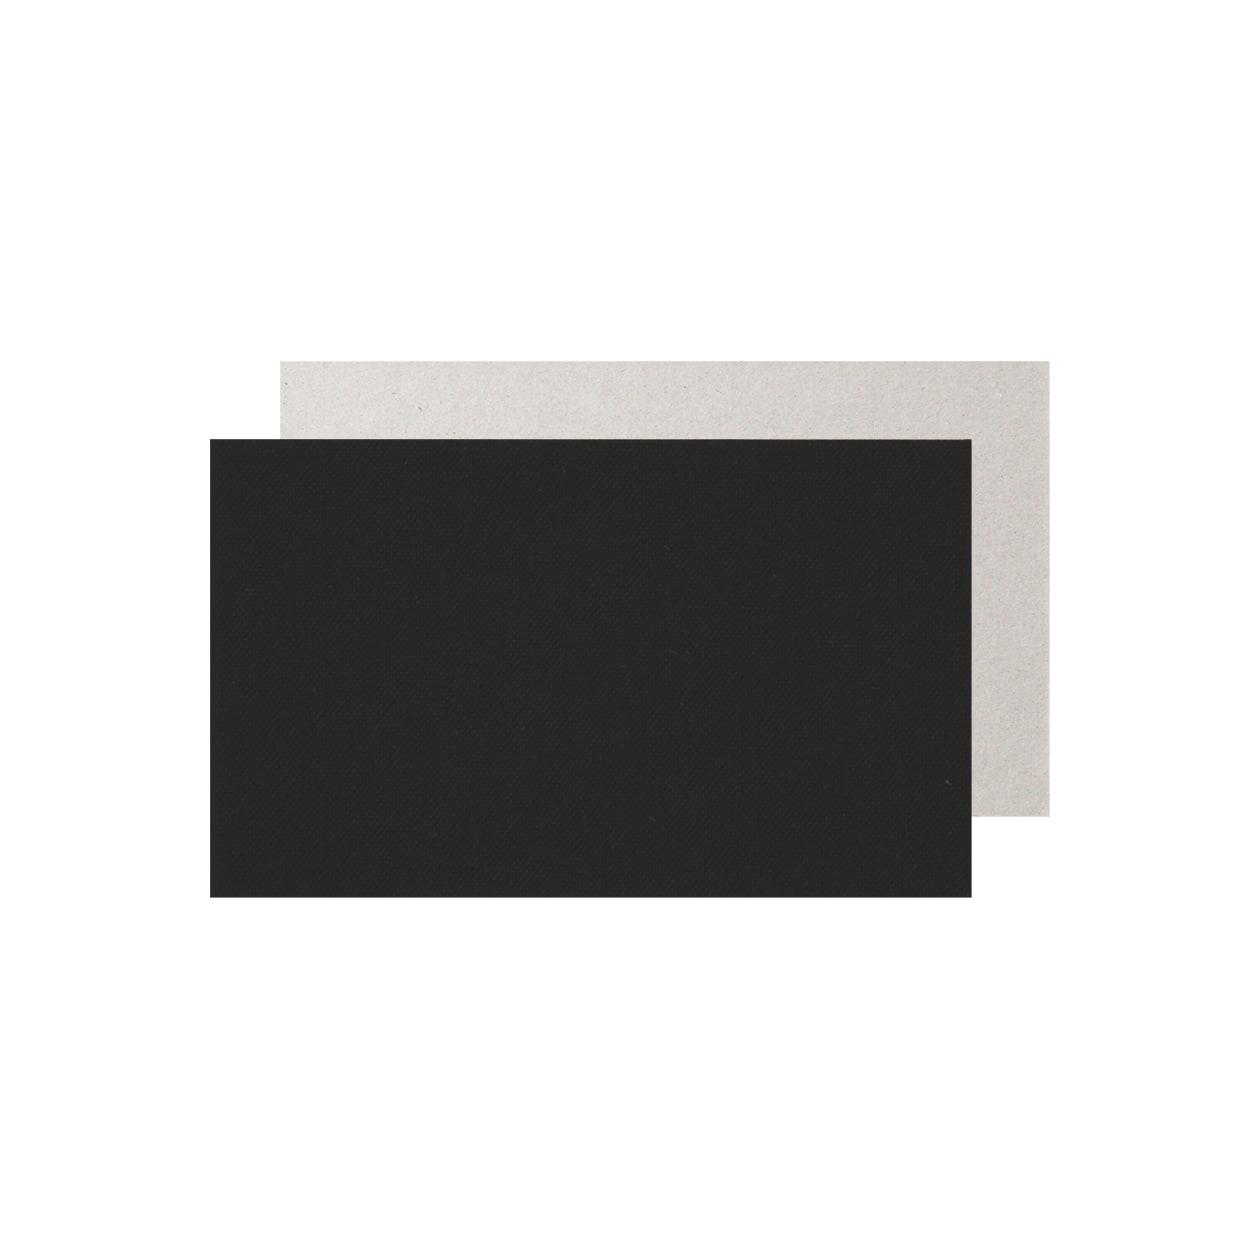 ネームカード 細布 ブラック×グレー